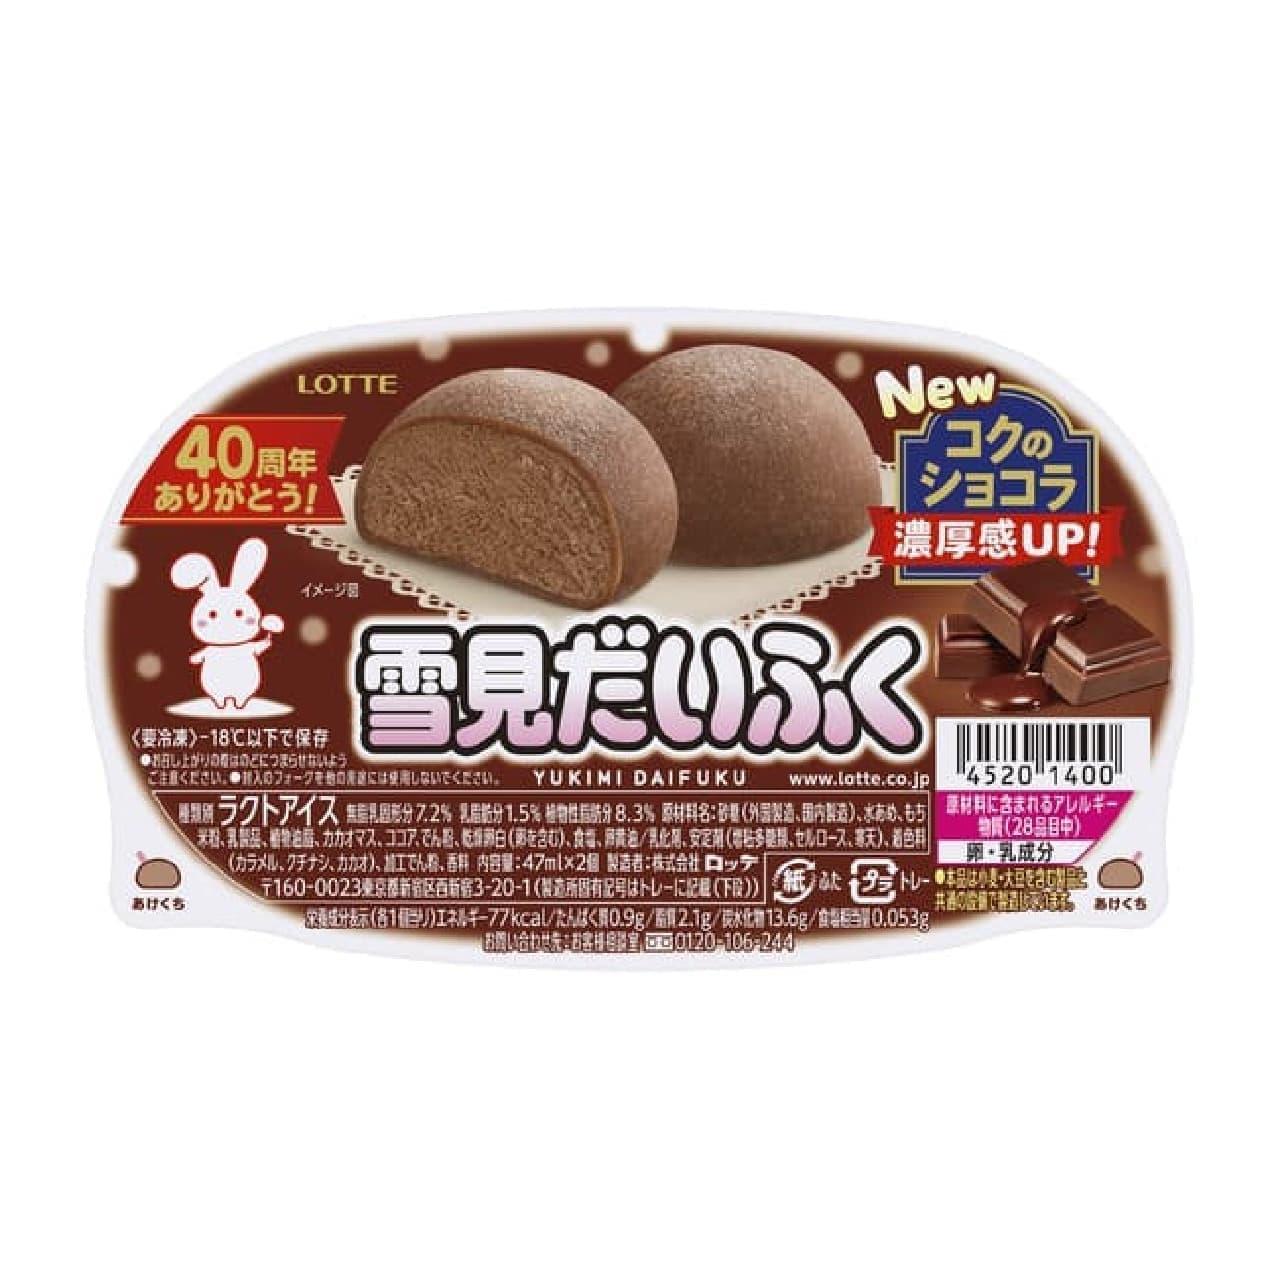 「雪見だいふく コクのショコラ」「雪見だいふく とろける生チョコレート」リニューアル